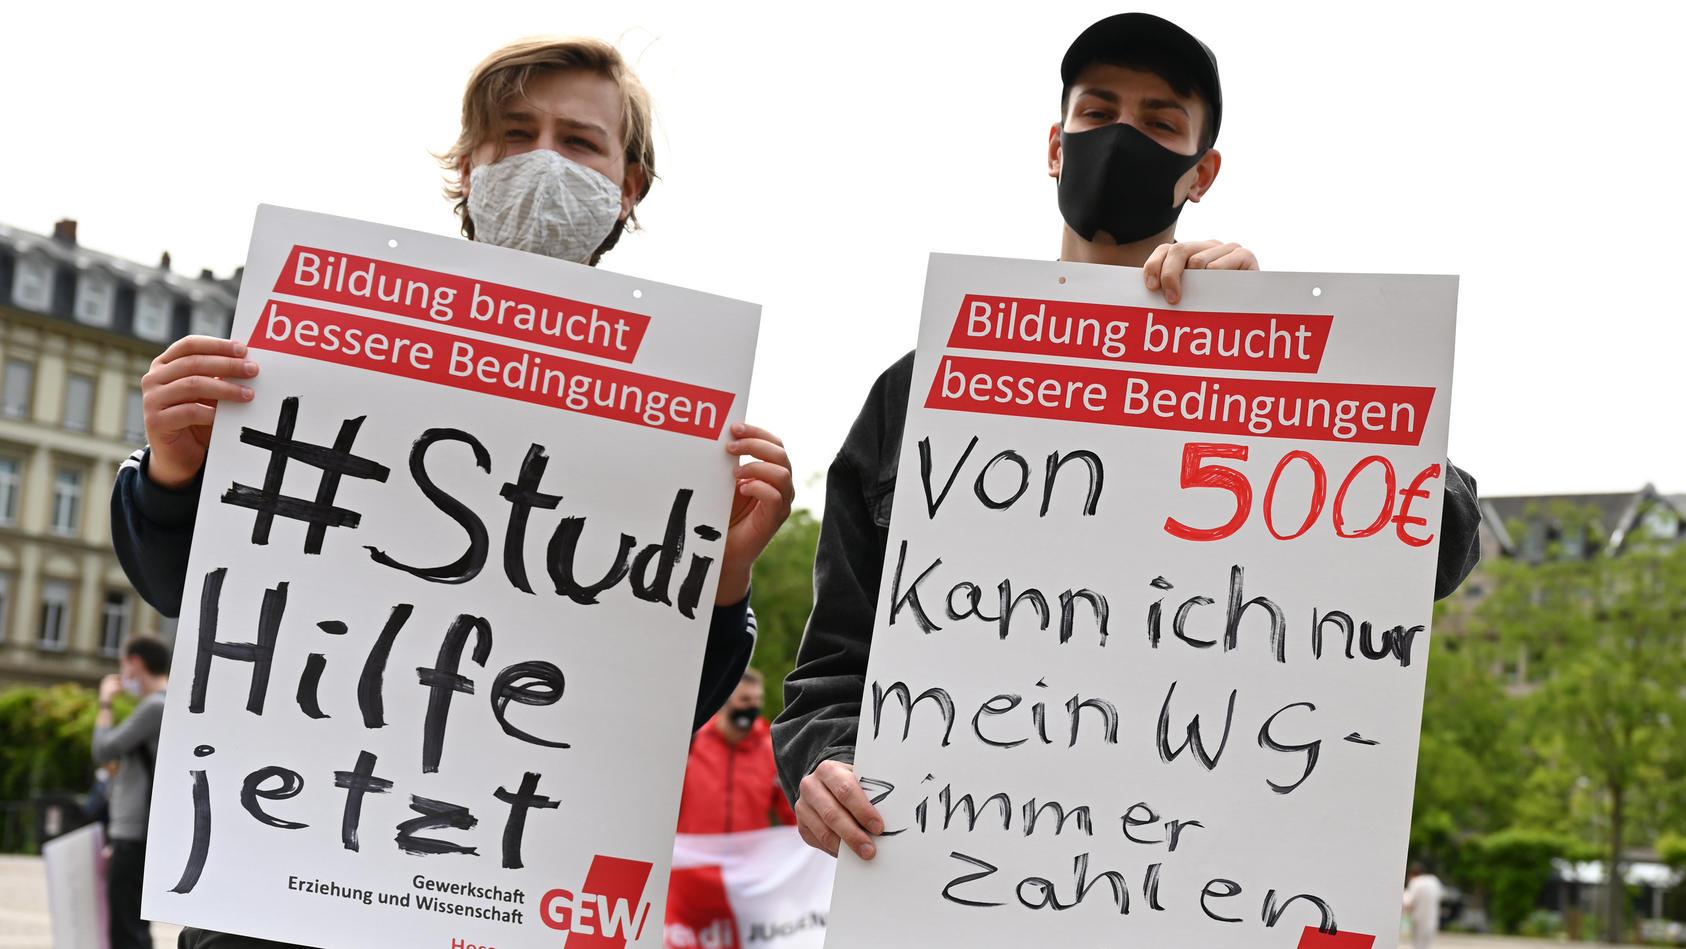 Kundgebung hessischer Studierendenvertretungen im Sommer 2020.